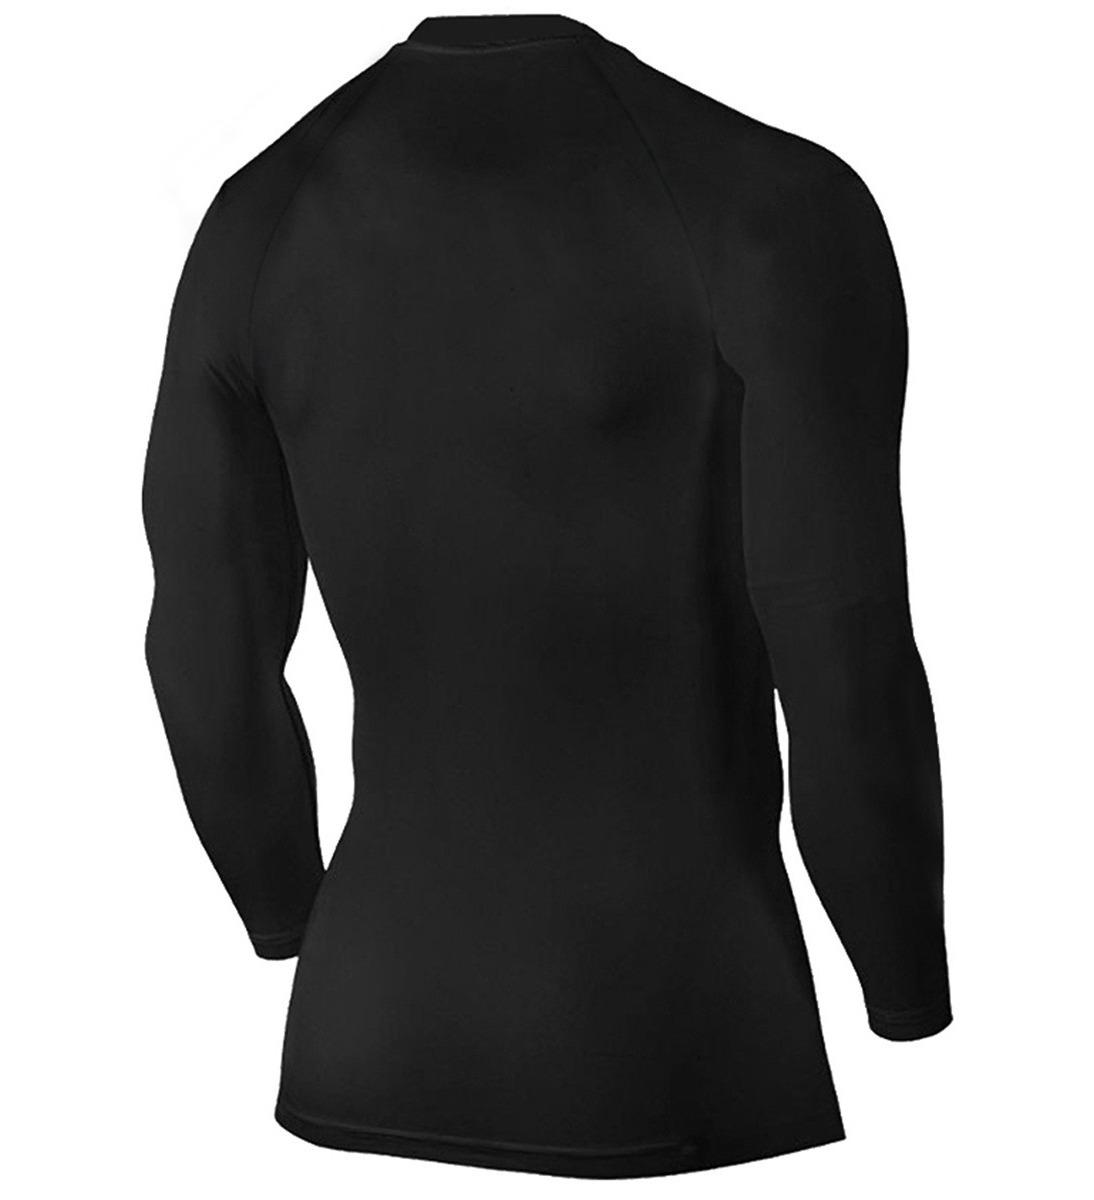 e38a1798d133e camisa térmica de compressão manga longa lance 2º pele verão. Carregando  zoom.